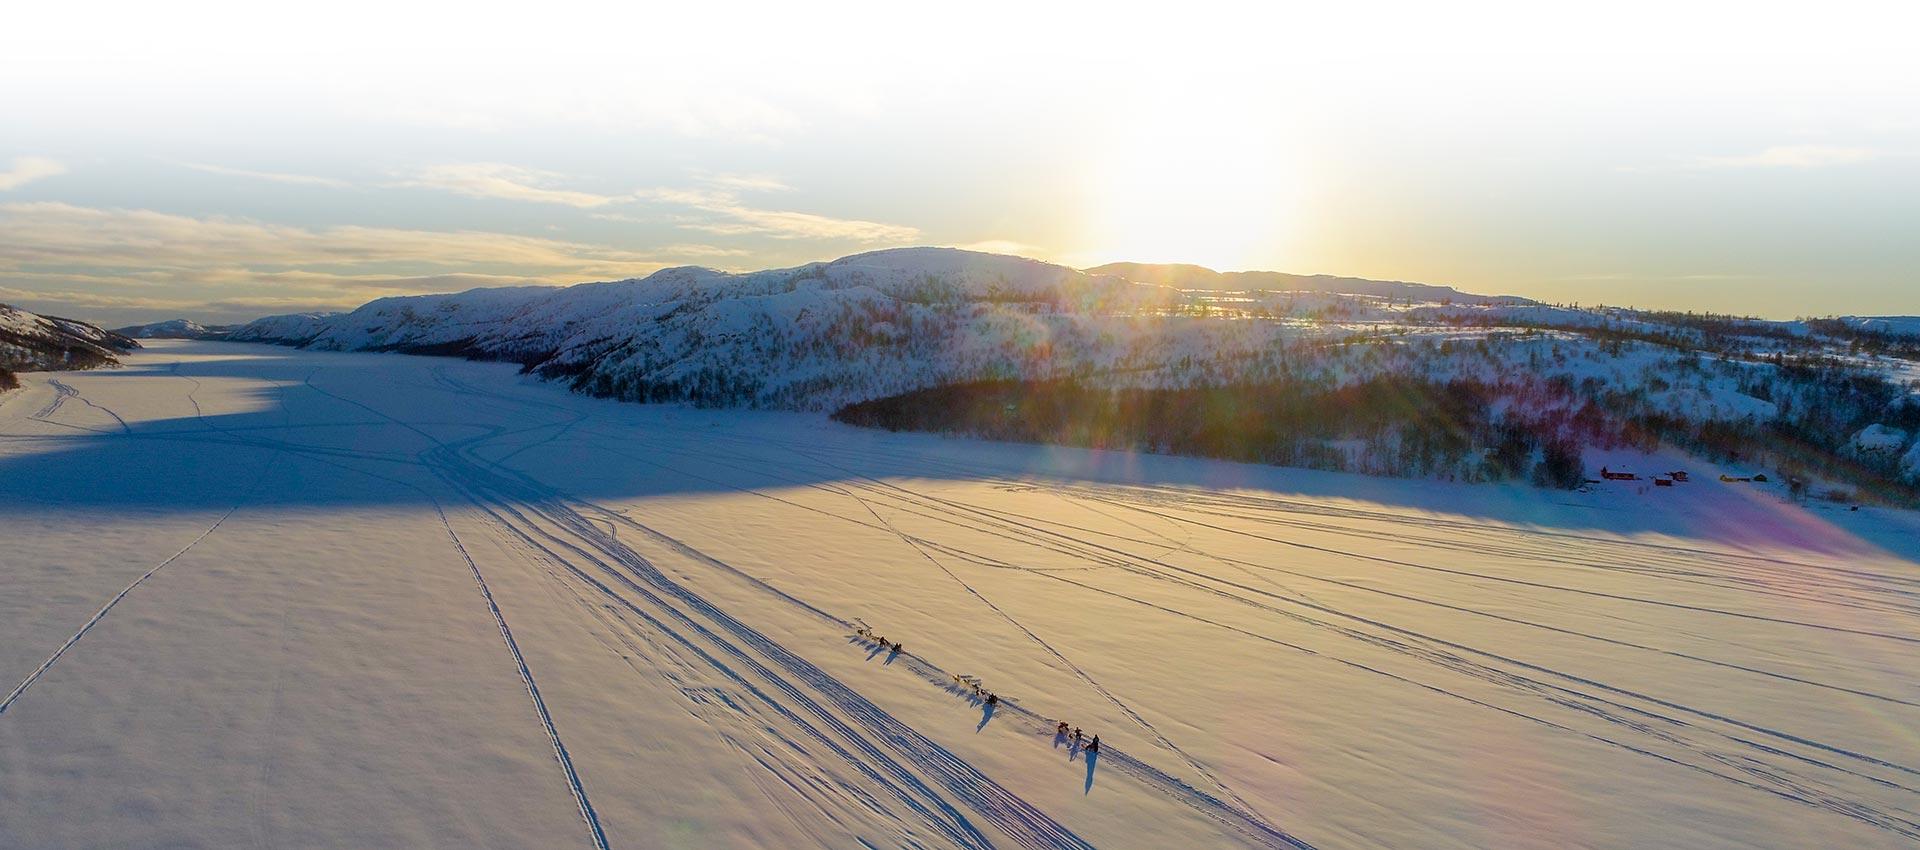 Grupo de personas en fila en la nieve. Agencia Amundsen